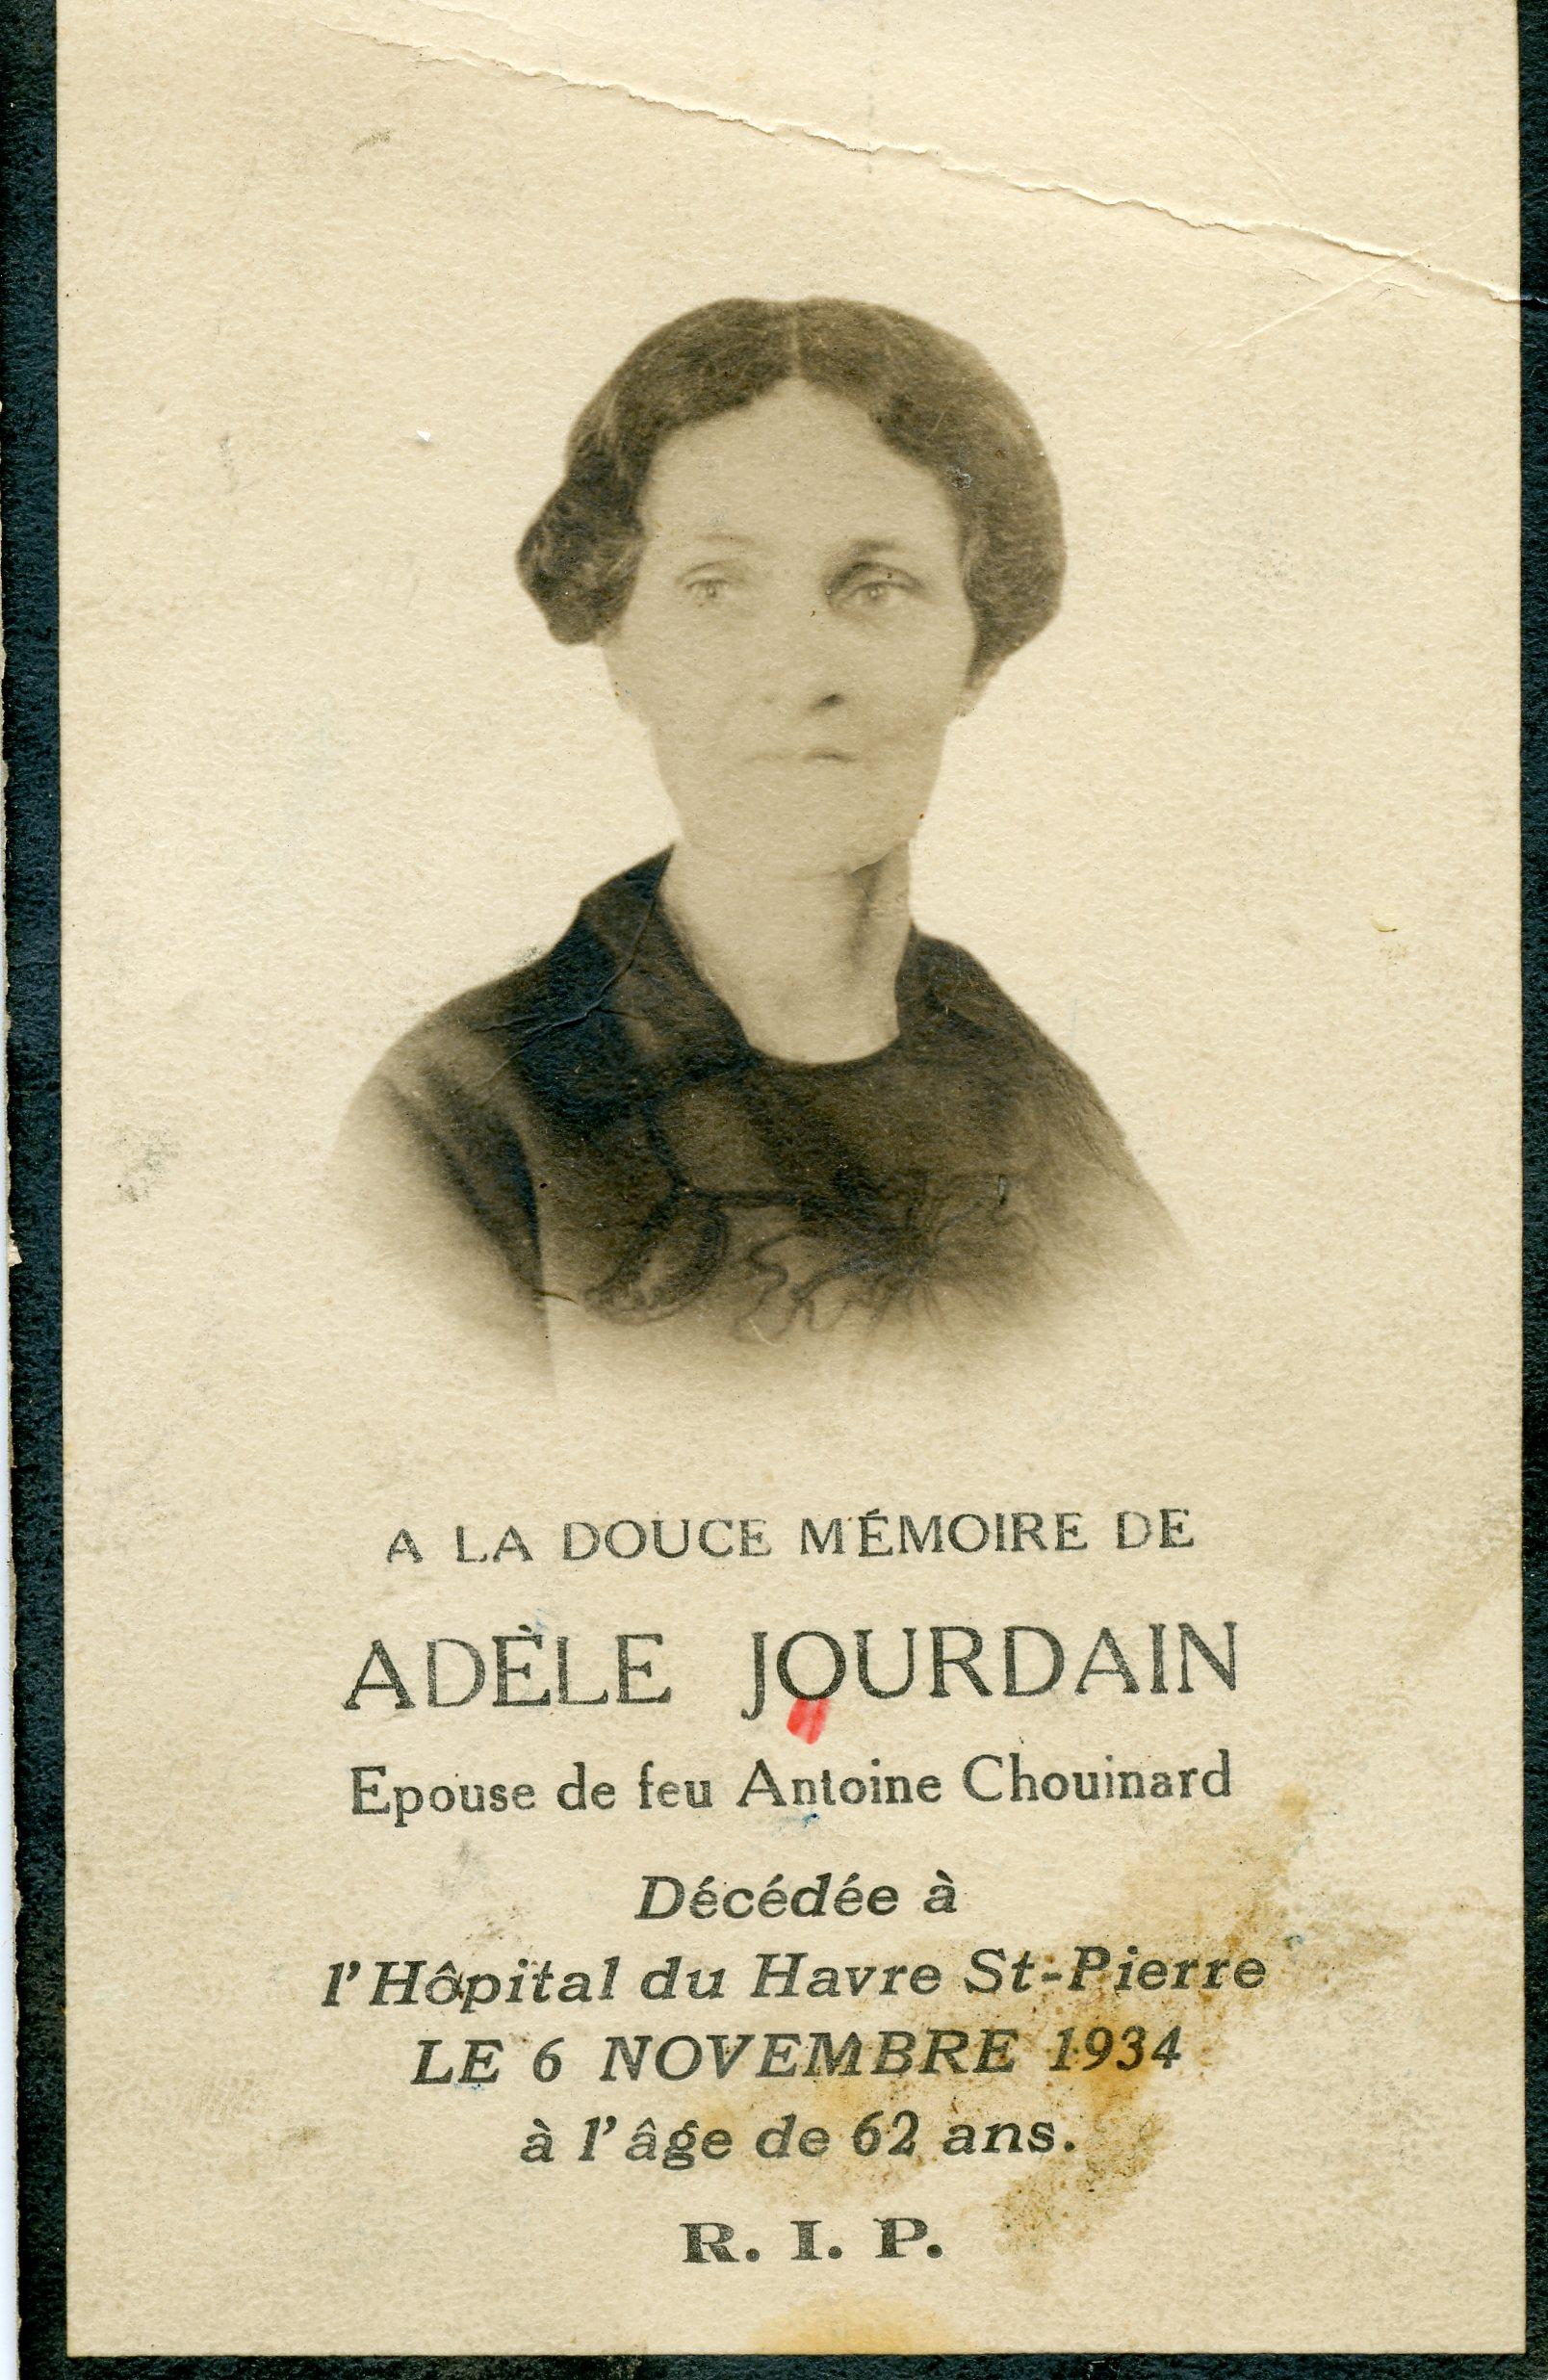 Adèle Jourdain 1872-1934